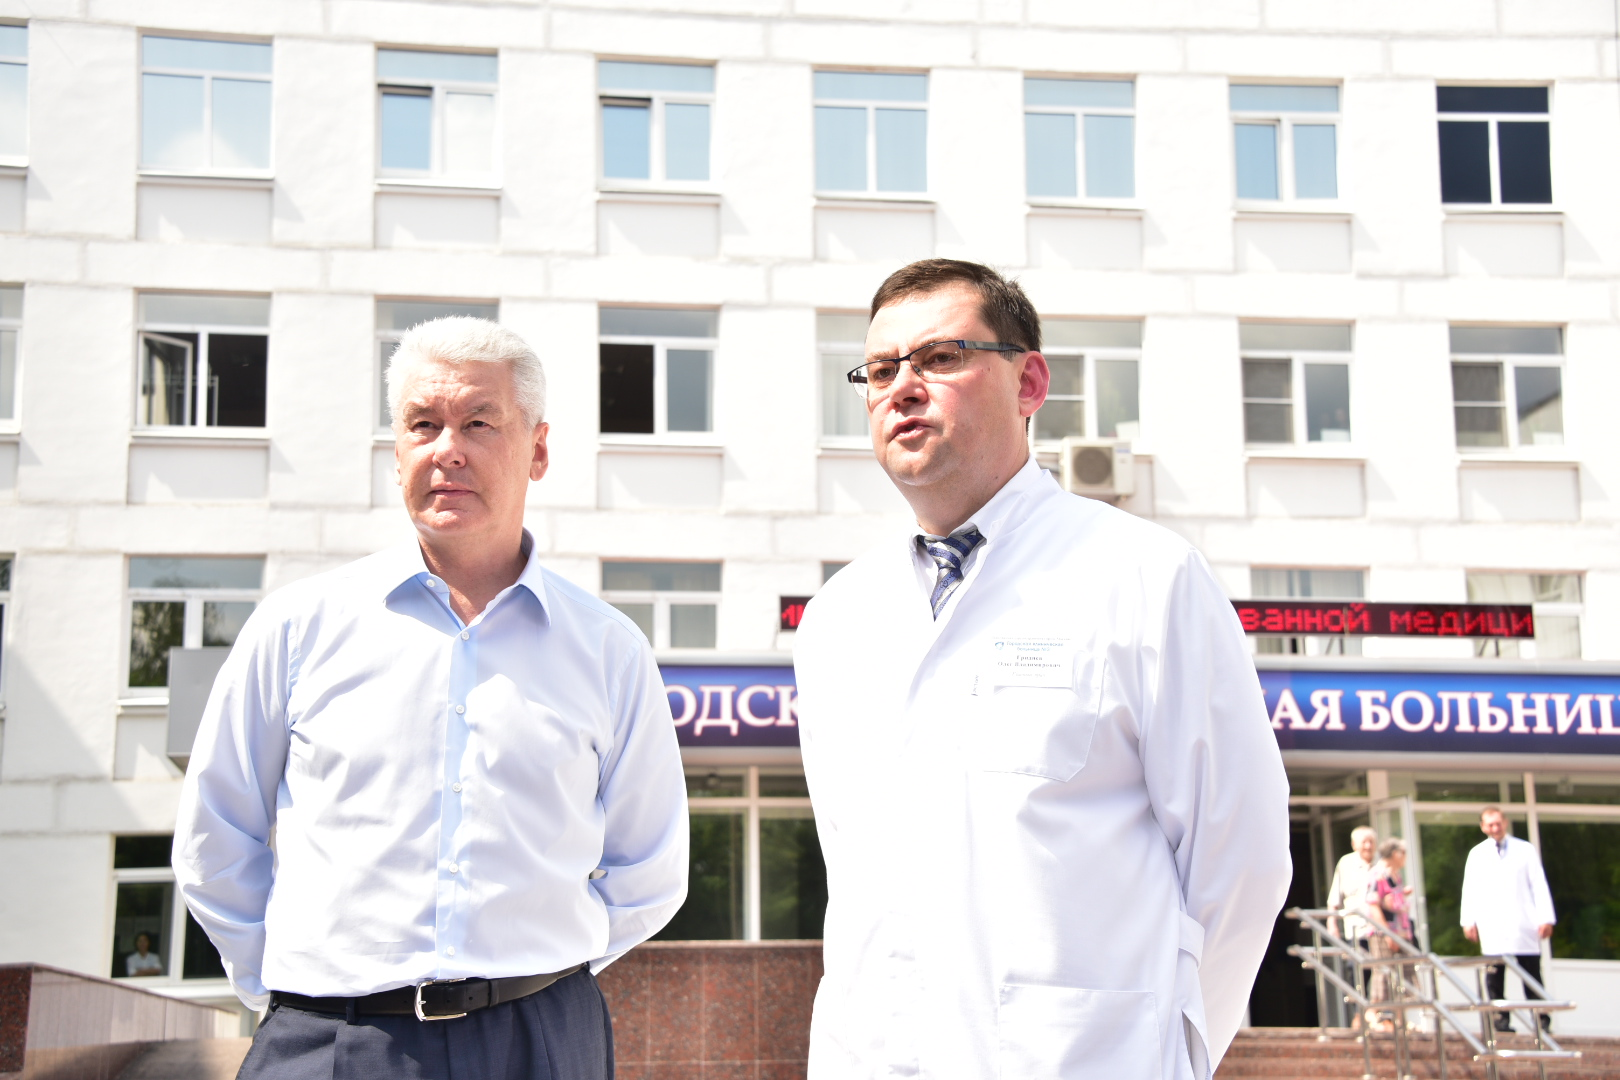 Создание сосудистых центров втрое снизило смертность от инфарктов - Собянин